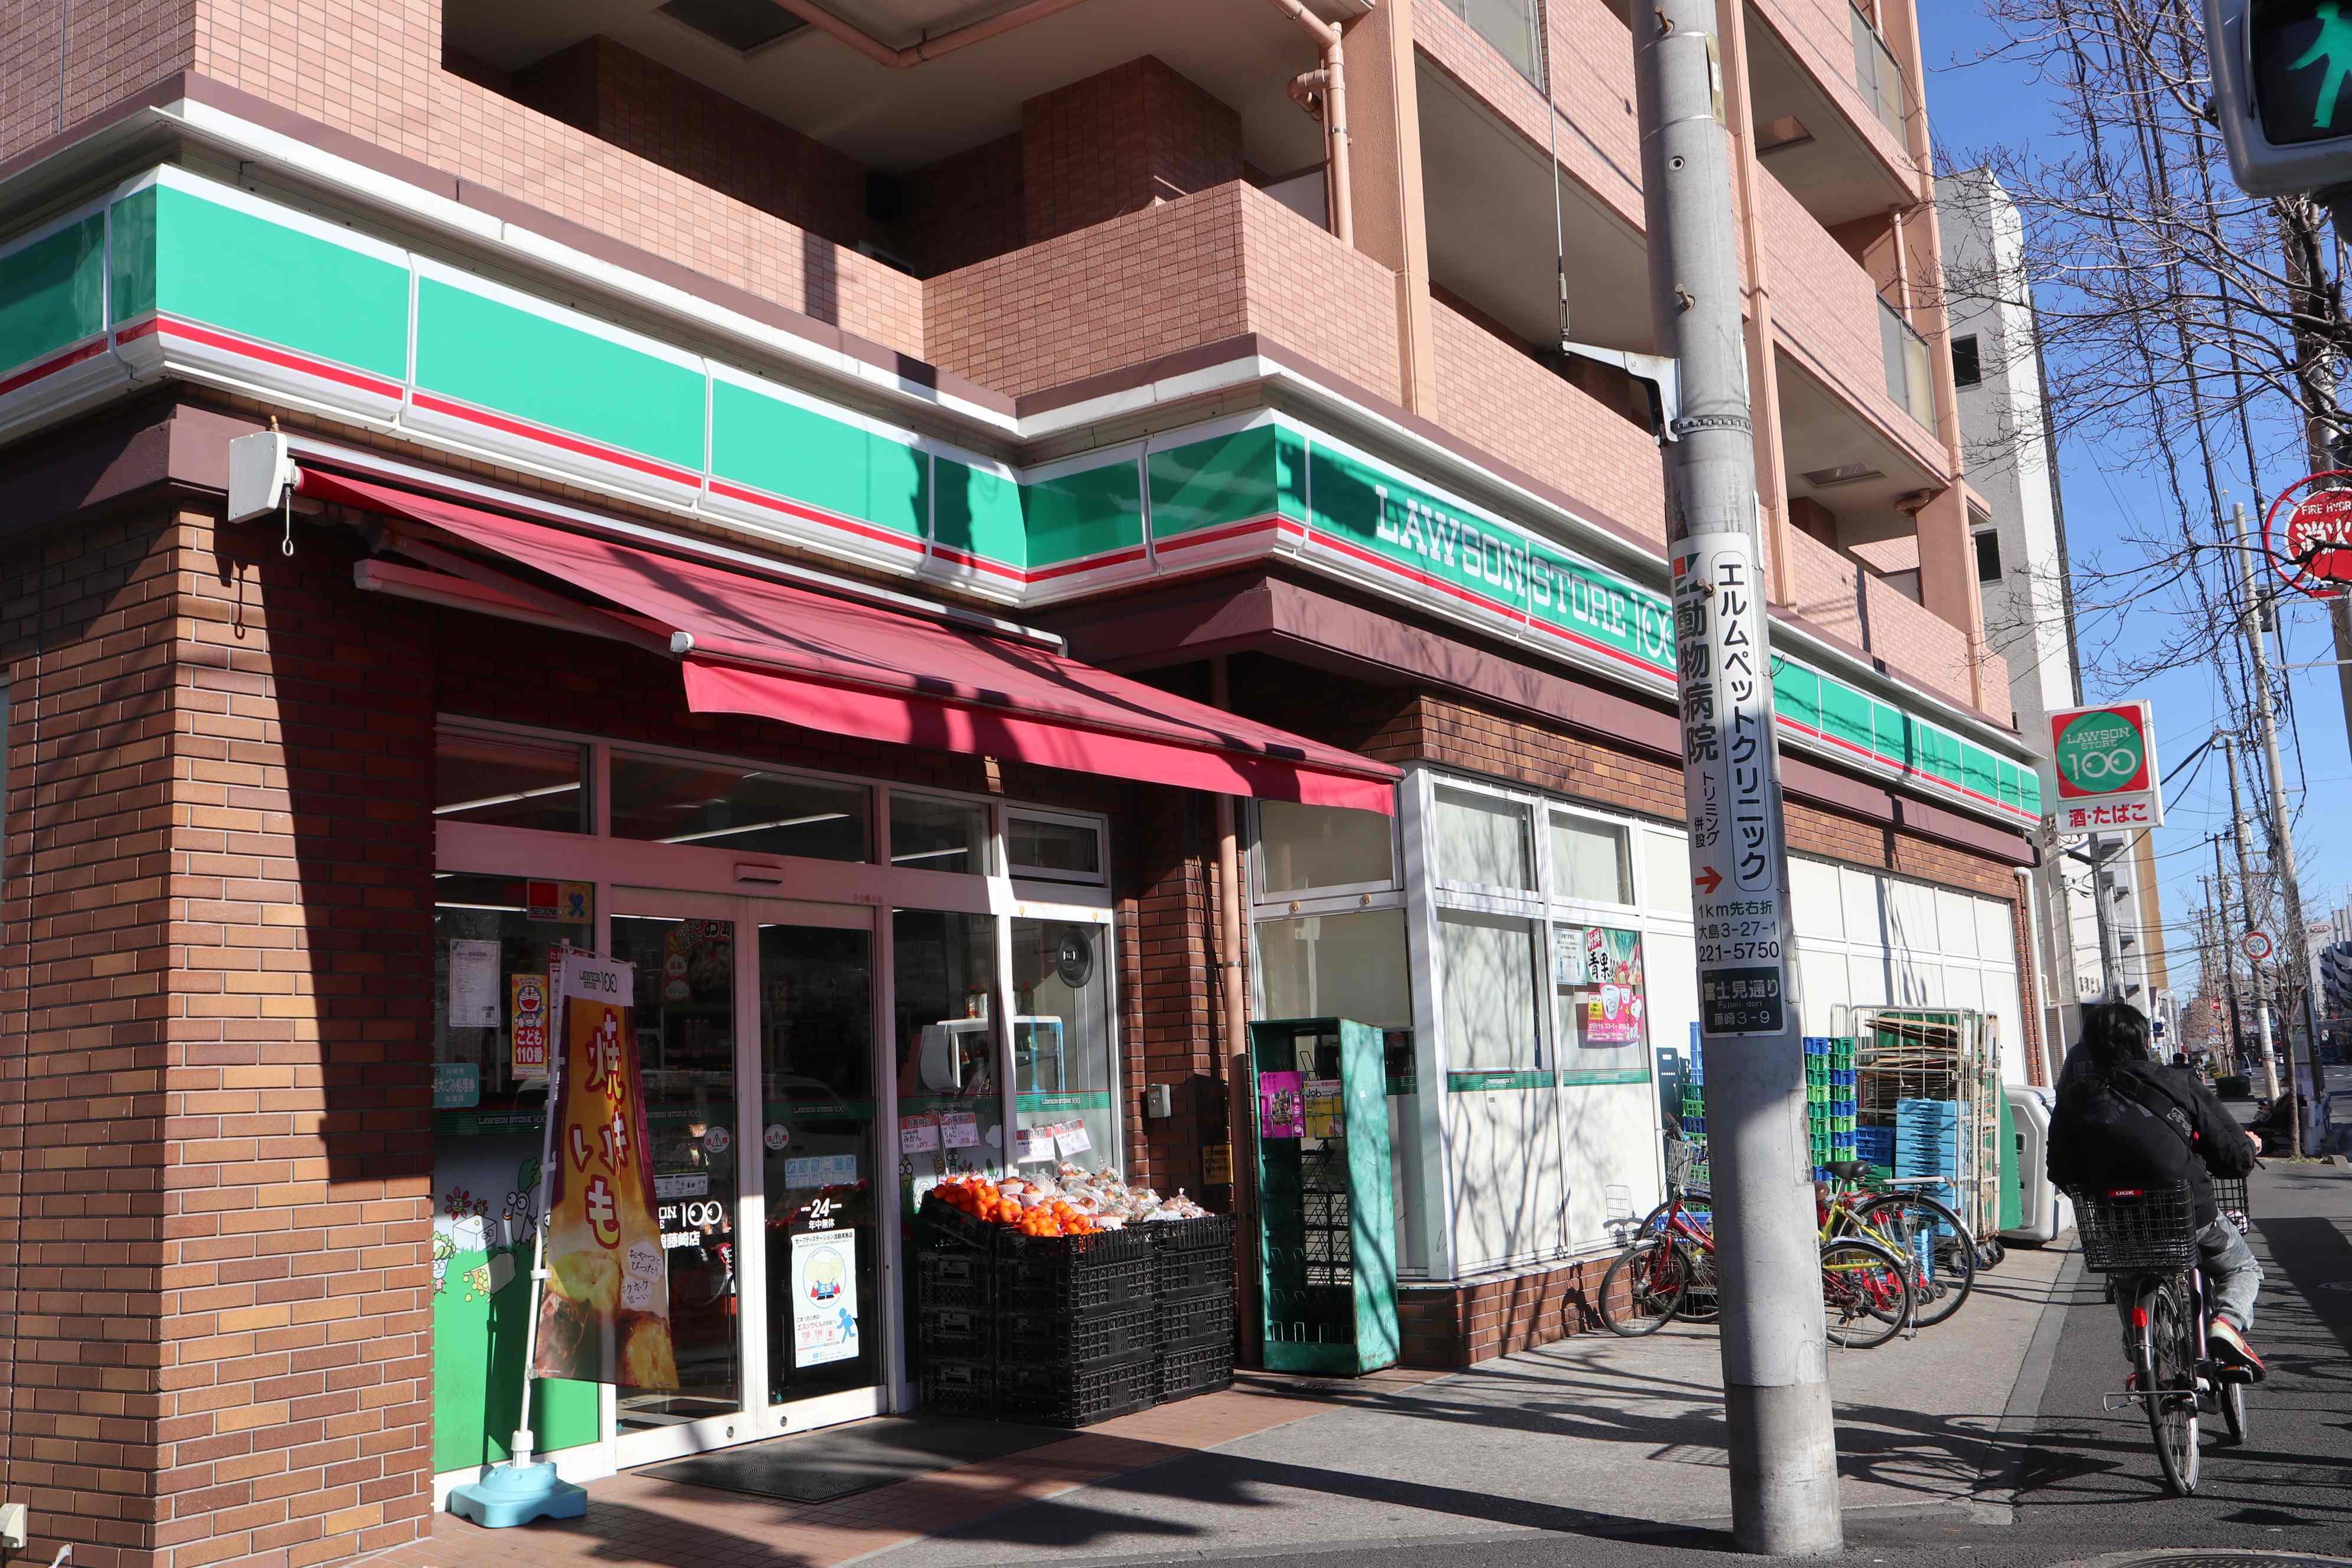 ローソンストア100 川崎藤崎店  徒歩約4分(約290m)